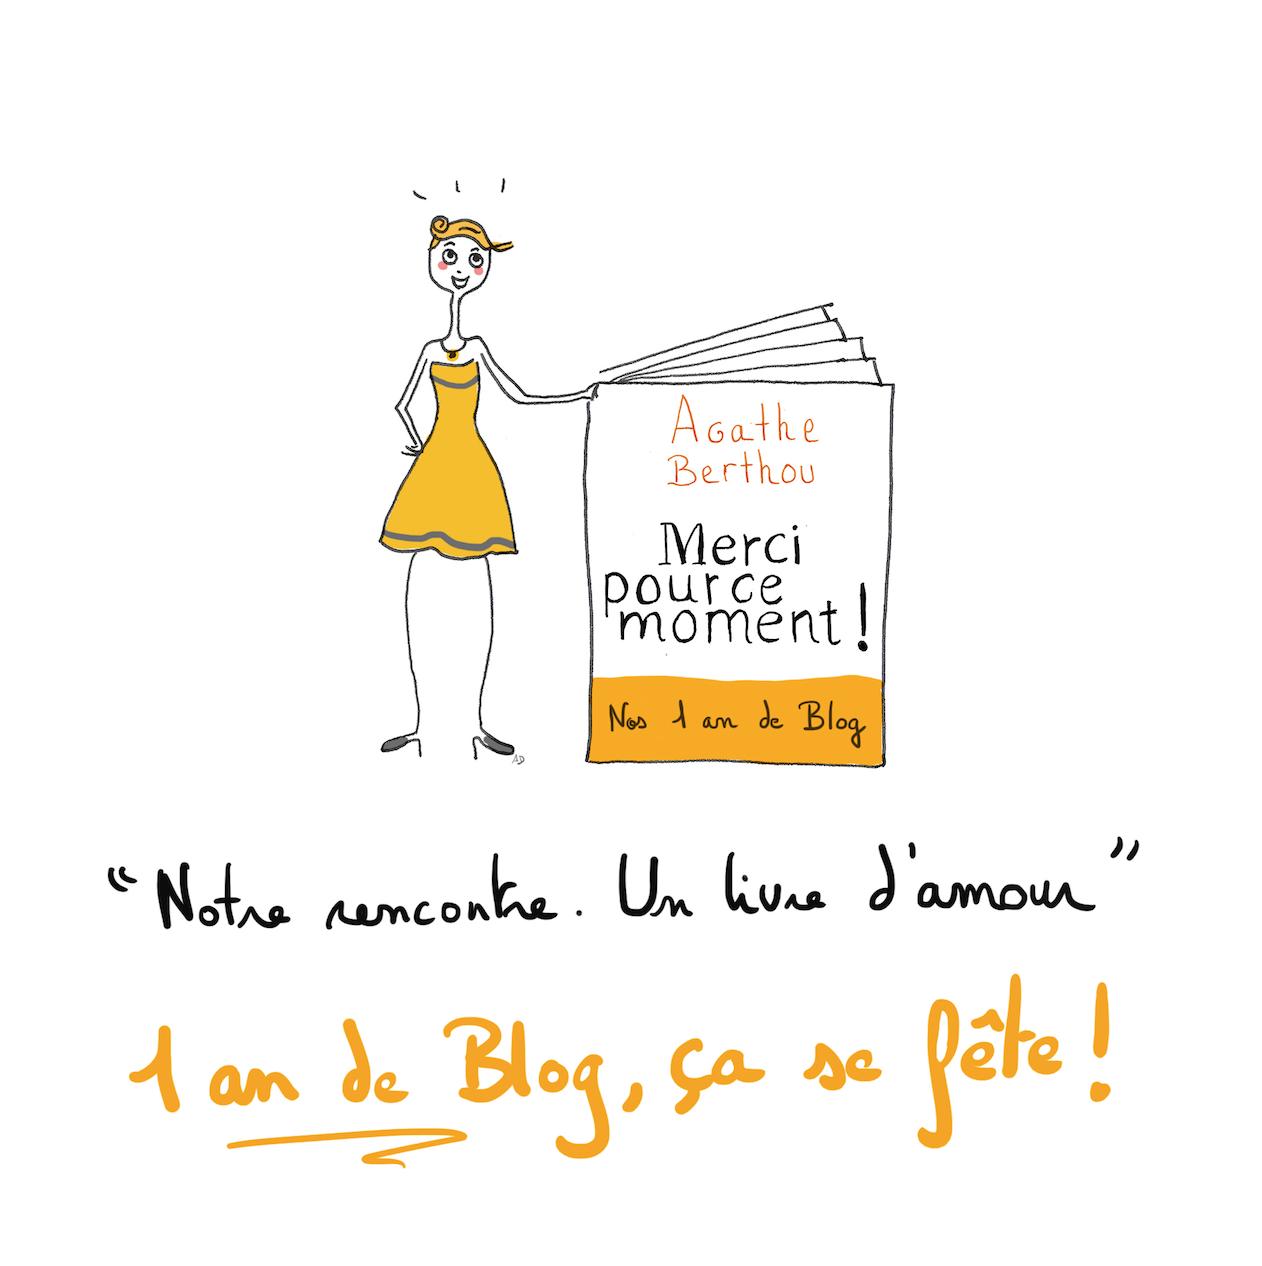 anniversaire valérie trierweiler livre merci pour ce moment succès librairies président françois hollande livre blog humour